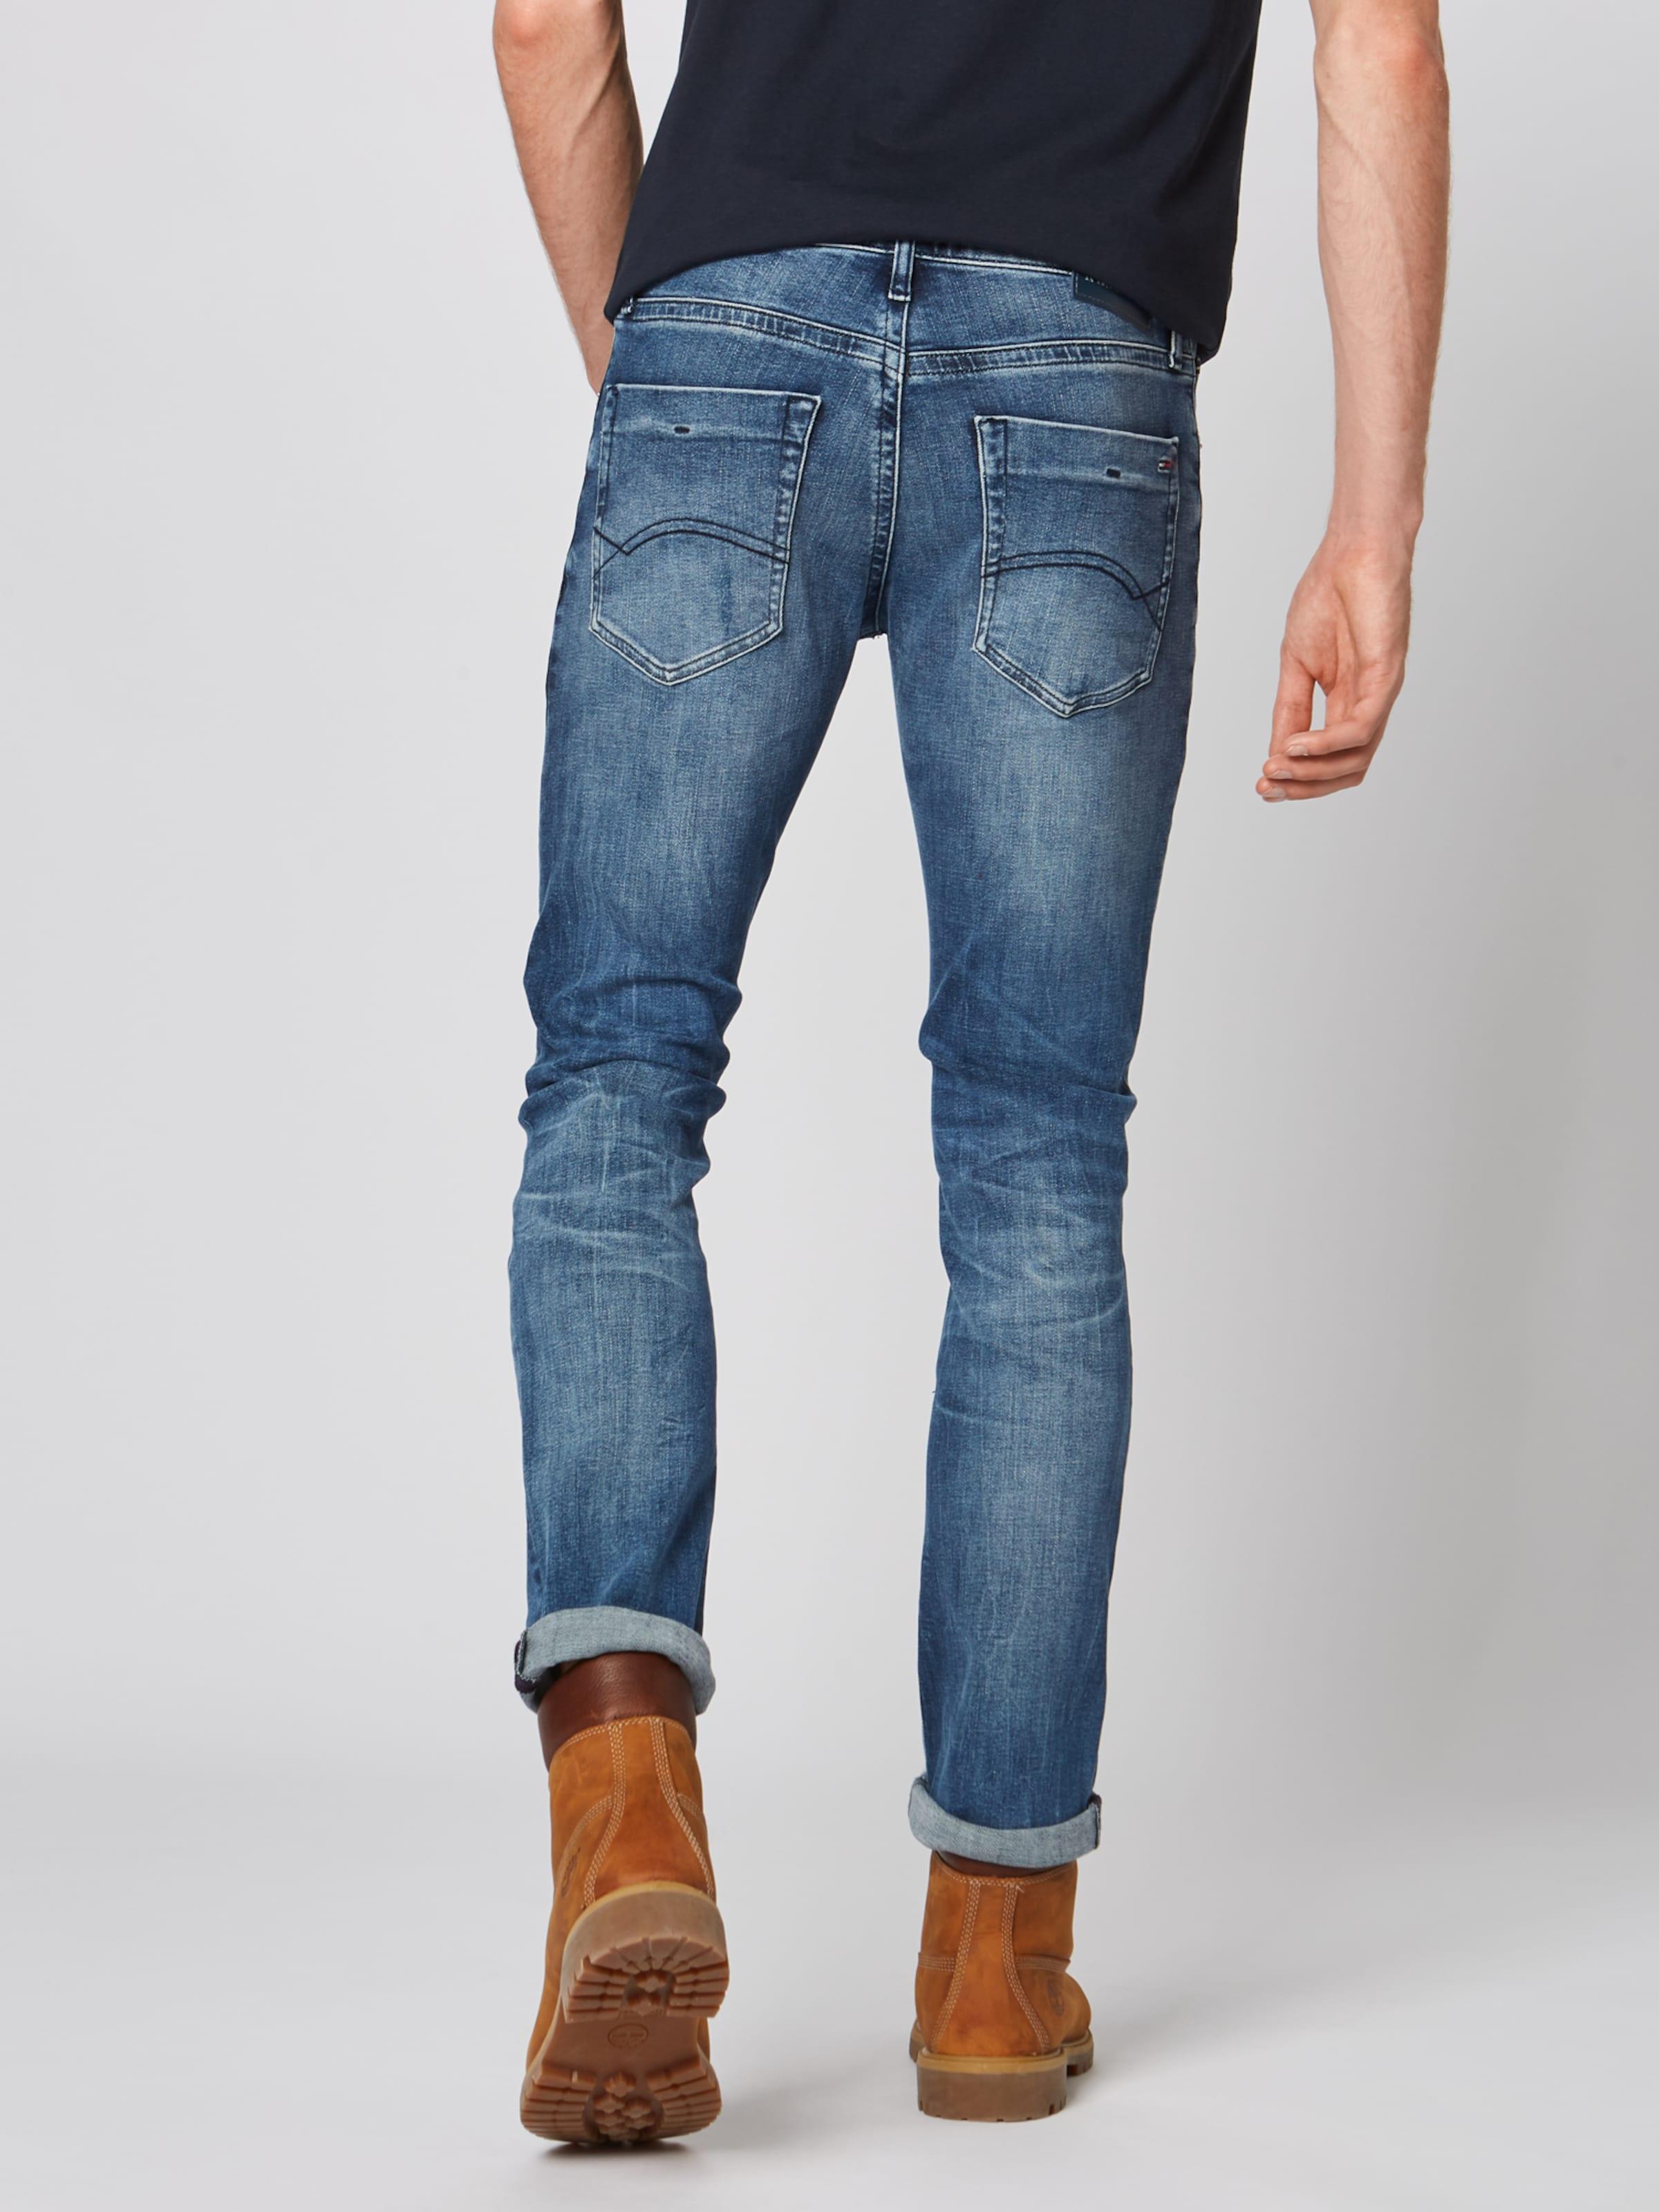 In Tommy 'scanton' Jeans Blue Denim eDHWE2I9Yb